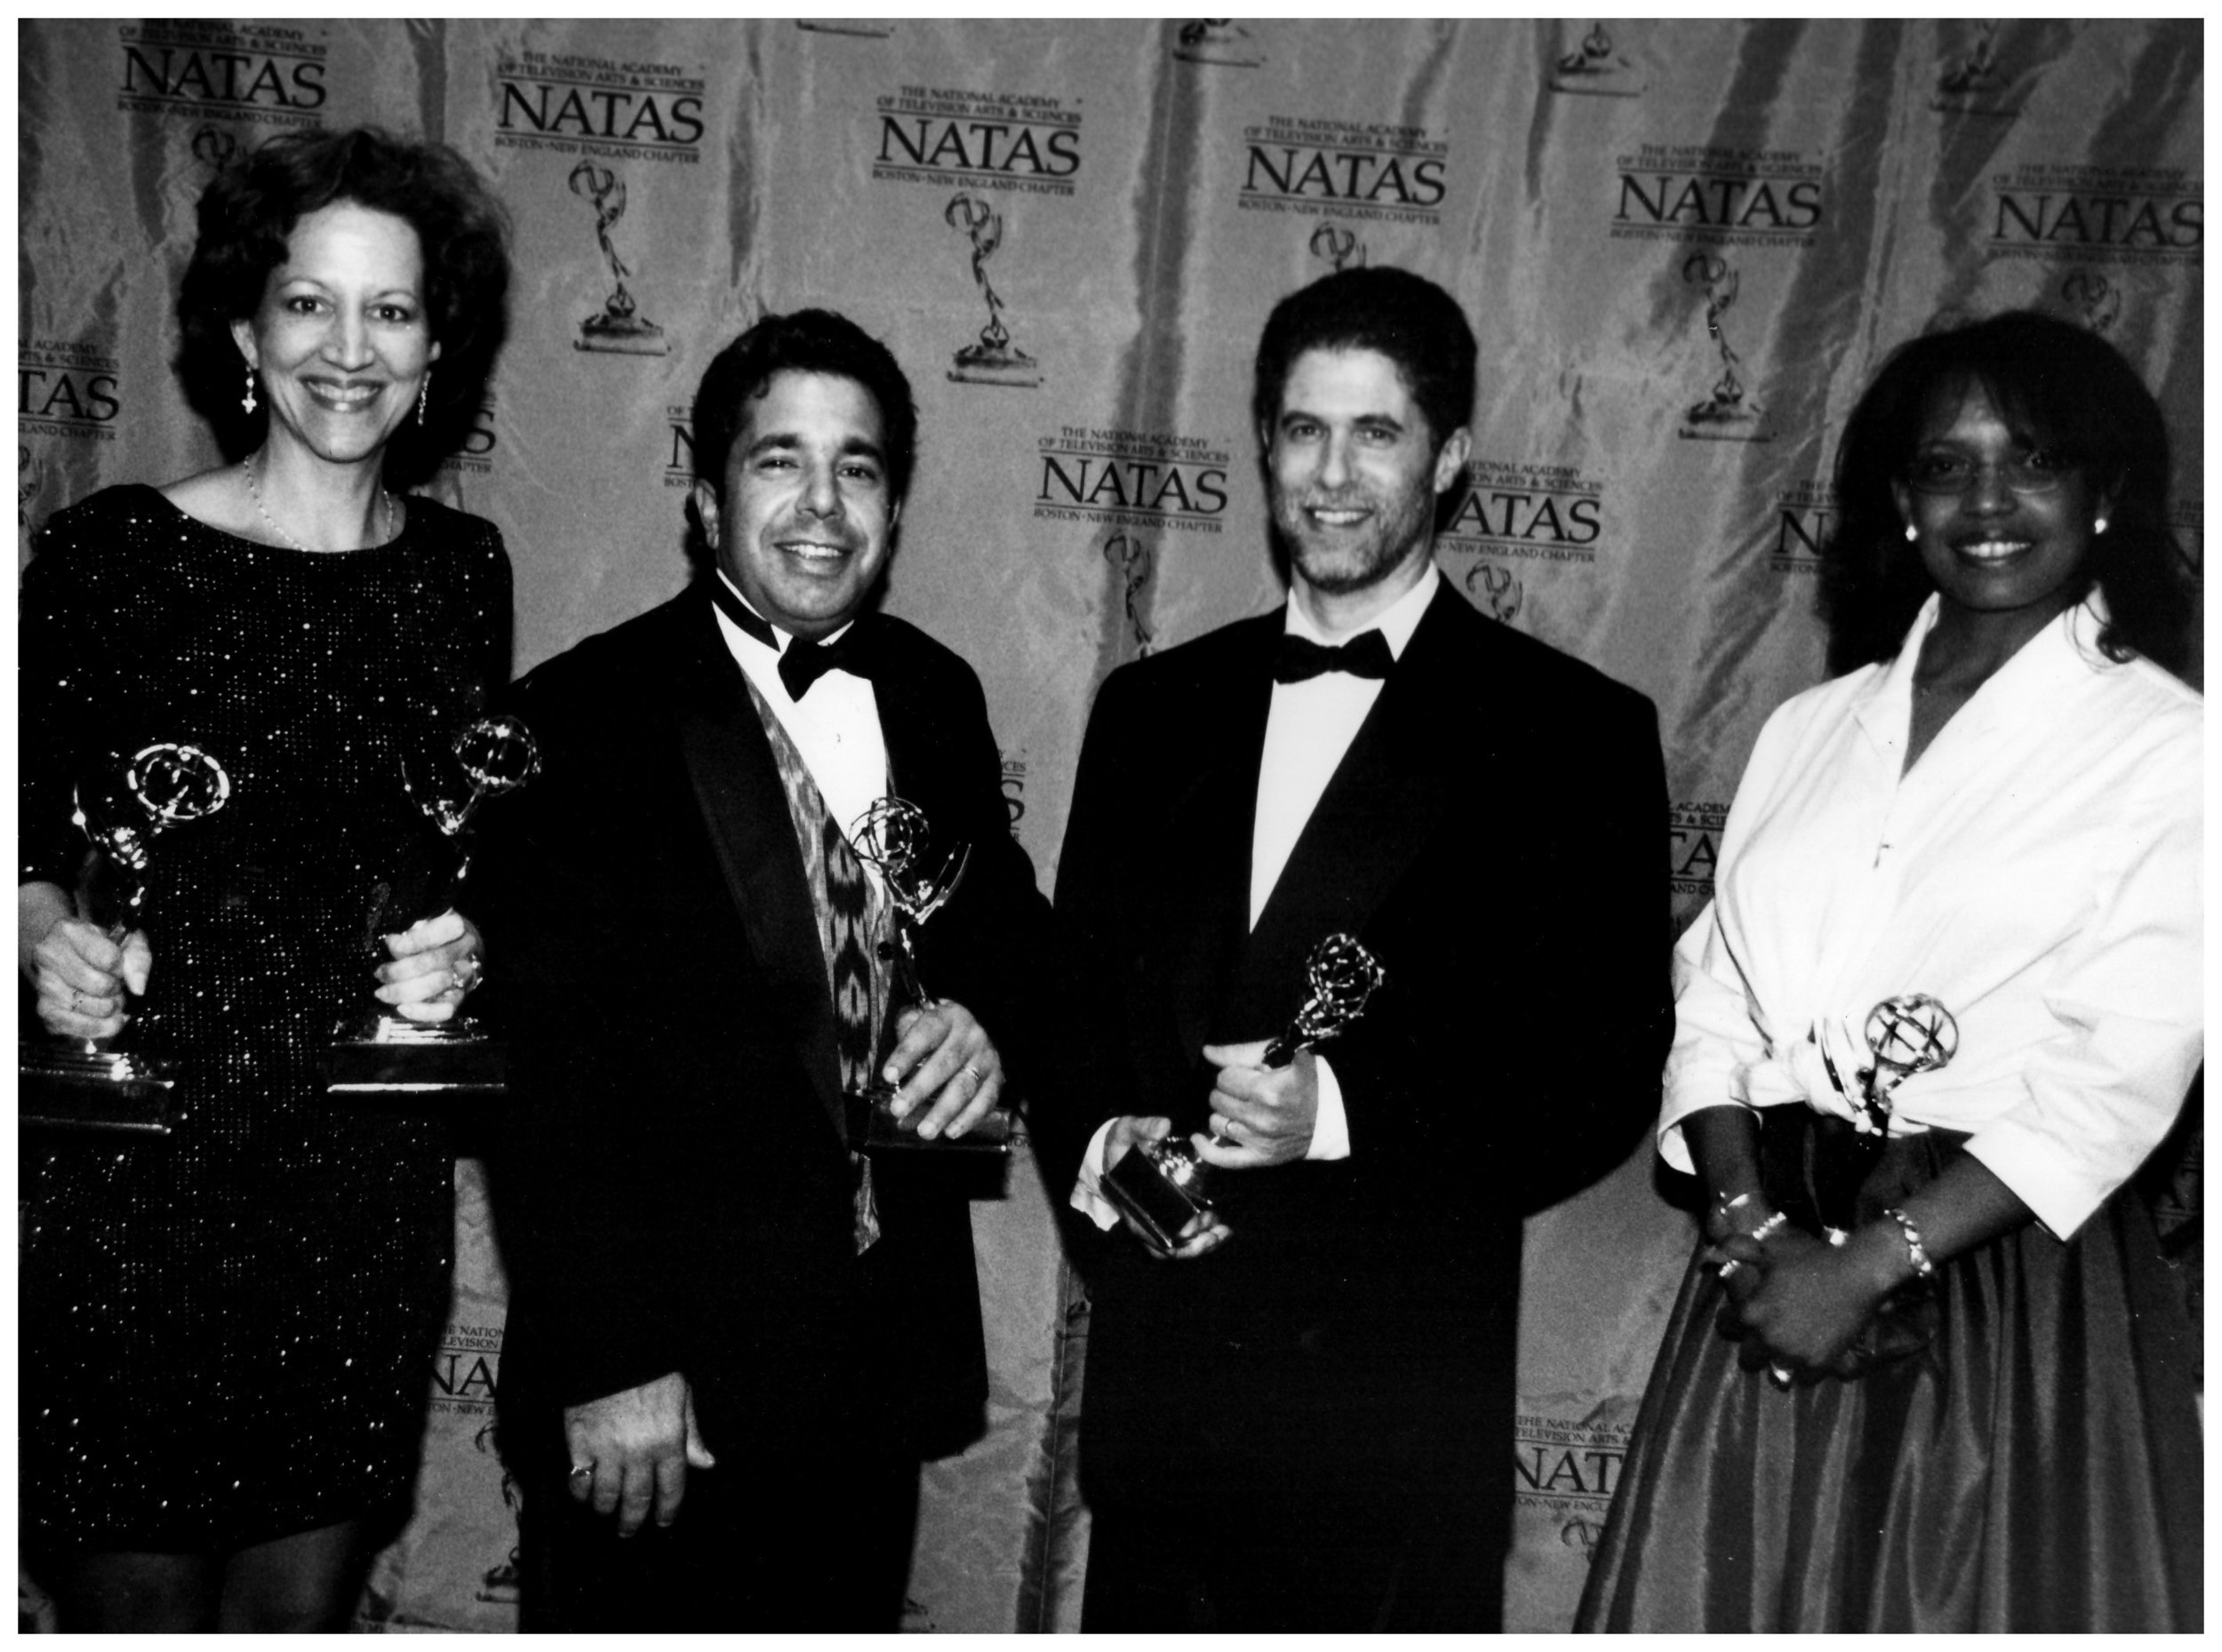 Karyl Evans wins 3 Emmy Awards in 2000